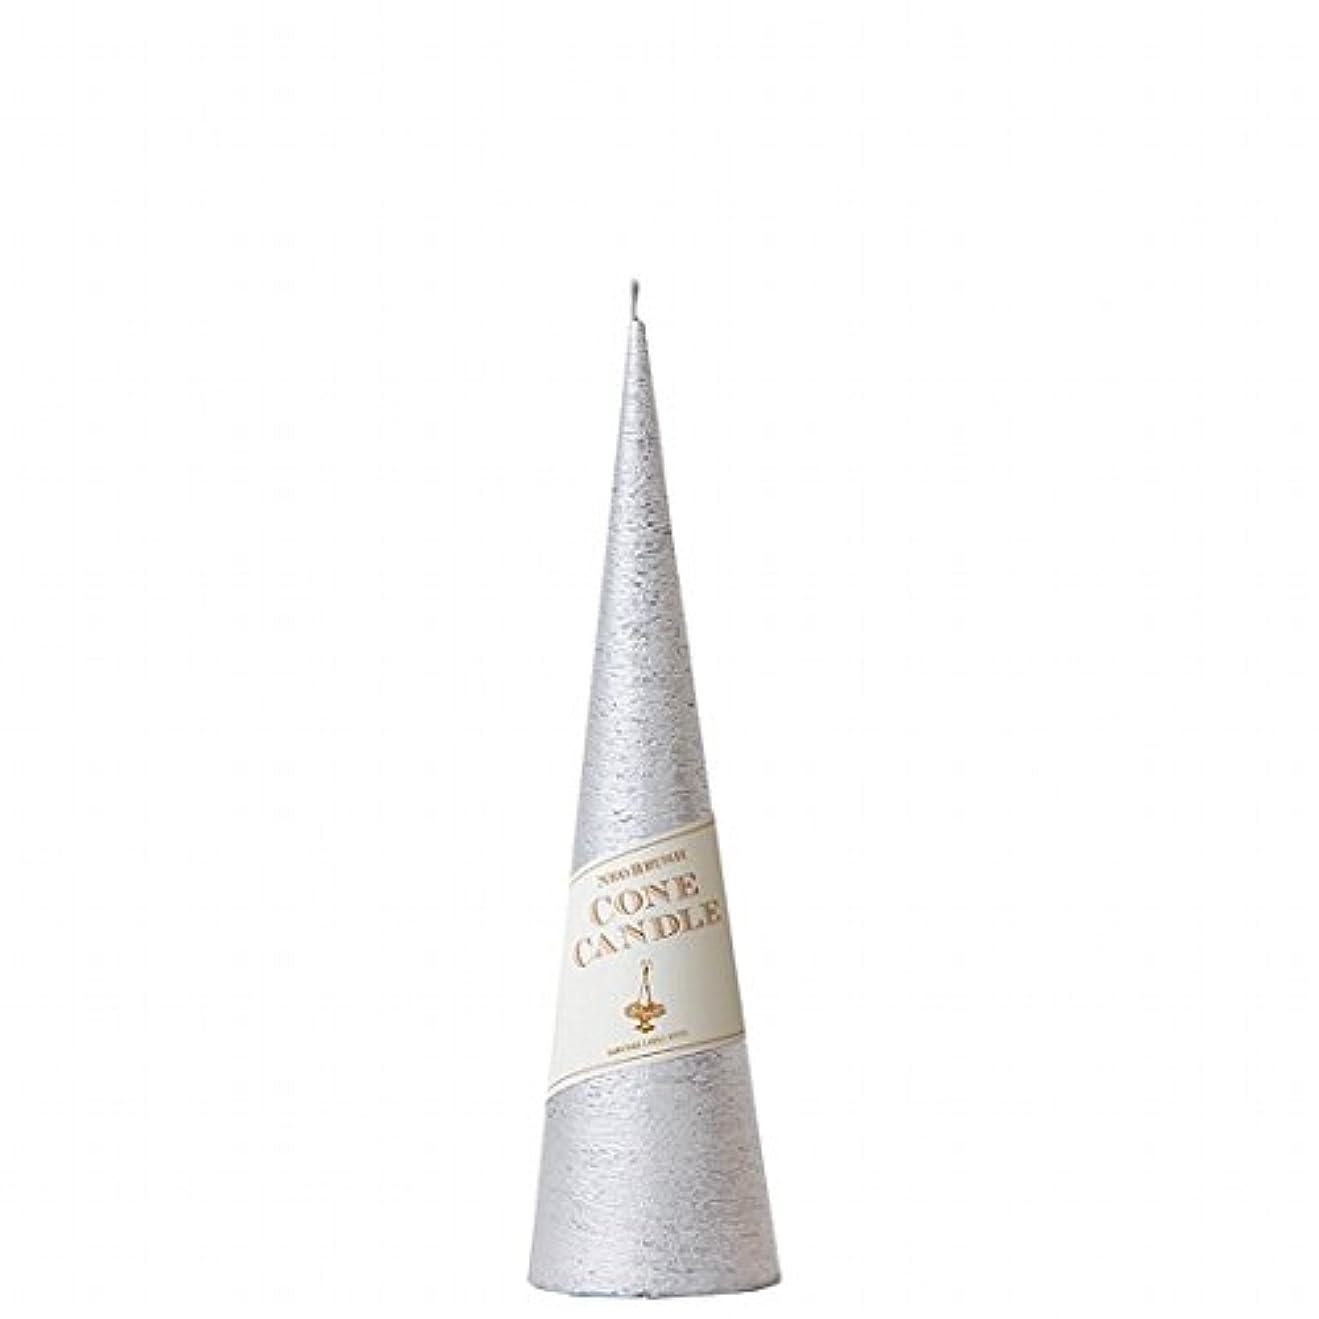 傾く貫通段階kameyama candle(カメヤマキャンドル) ネオブラッシュコーン 230 キャンドル 「 シルバー 」(A9750120SI)